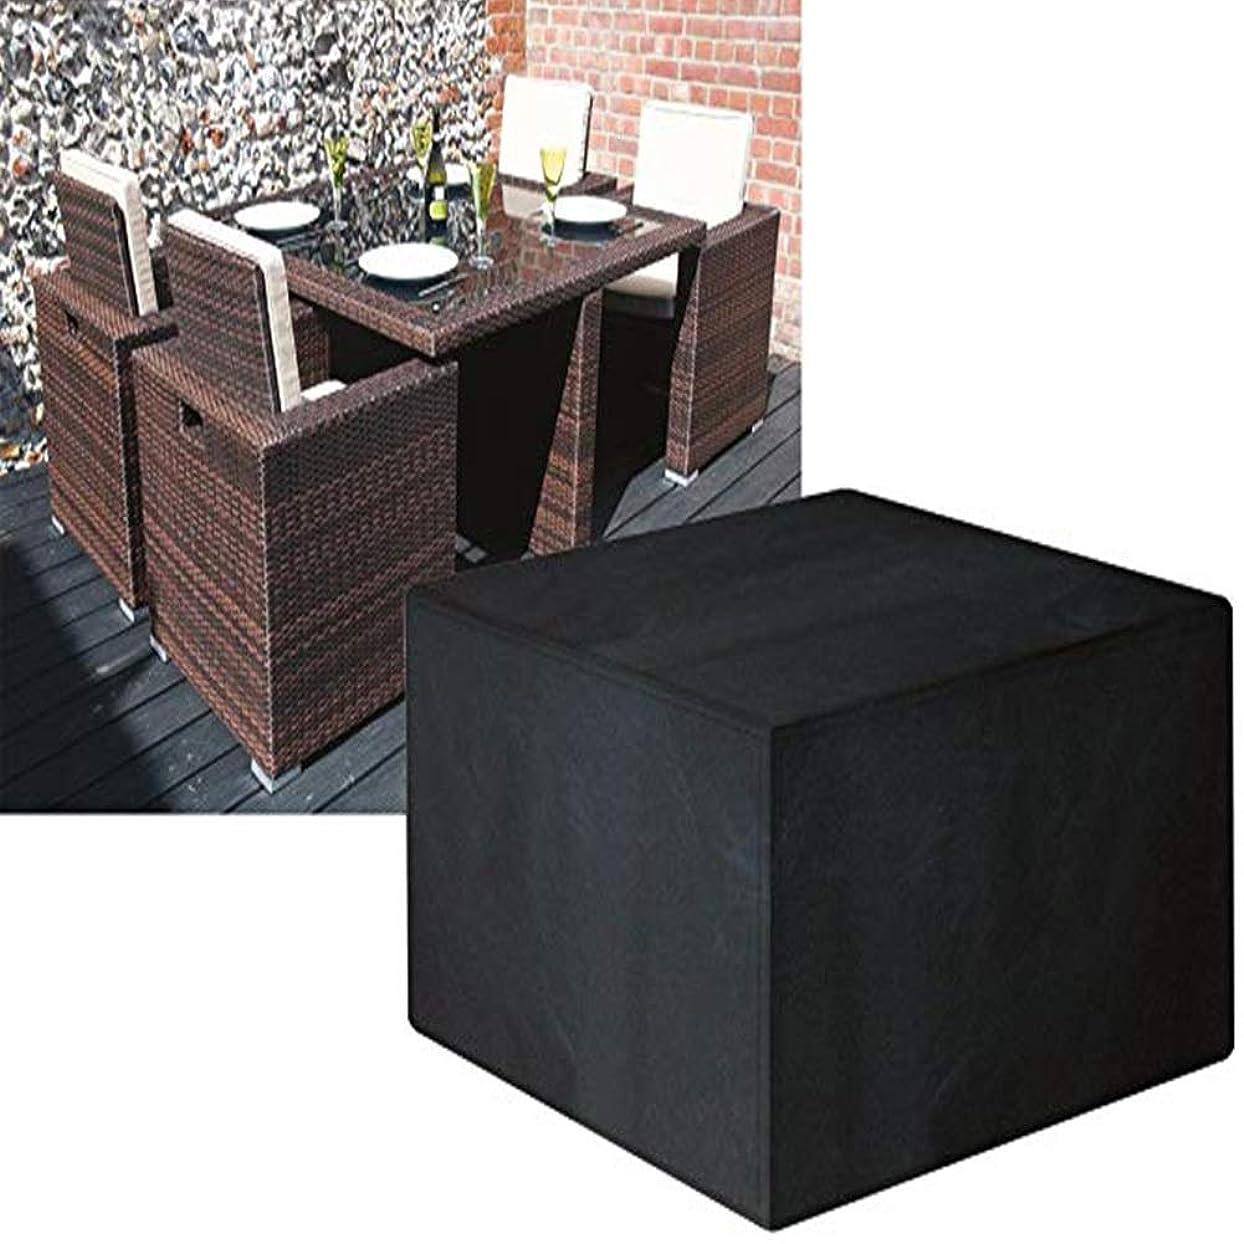 完了配管工少年GZHENH ガーデン屋外カバーテーブル ソファカバー シェードクロス 保護 涙に強い 防水 通気性 デコレーション オックスフォード布 、32サイズ (Color : Black, Size : 120x100x100cm)